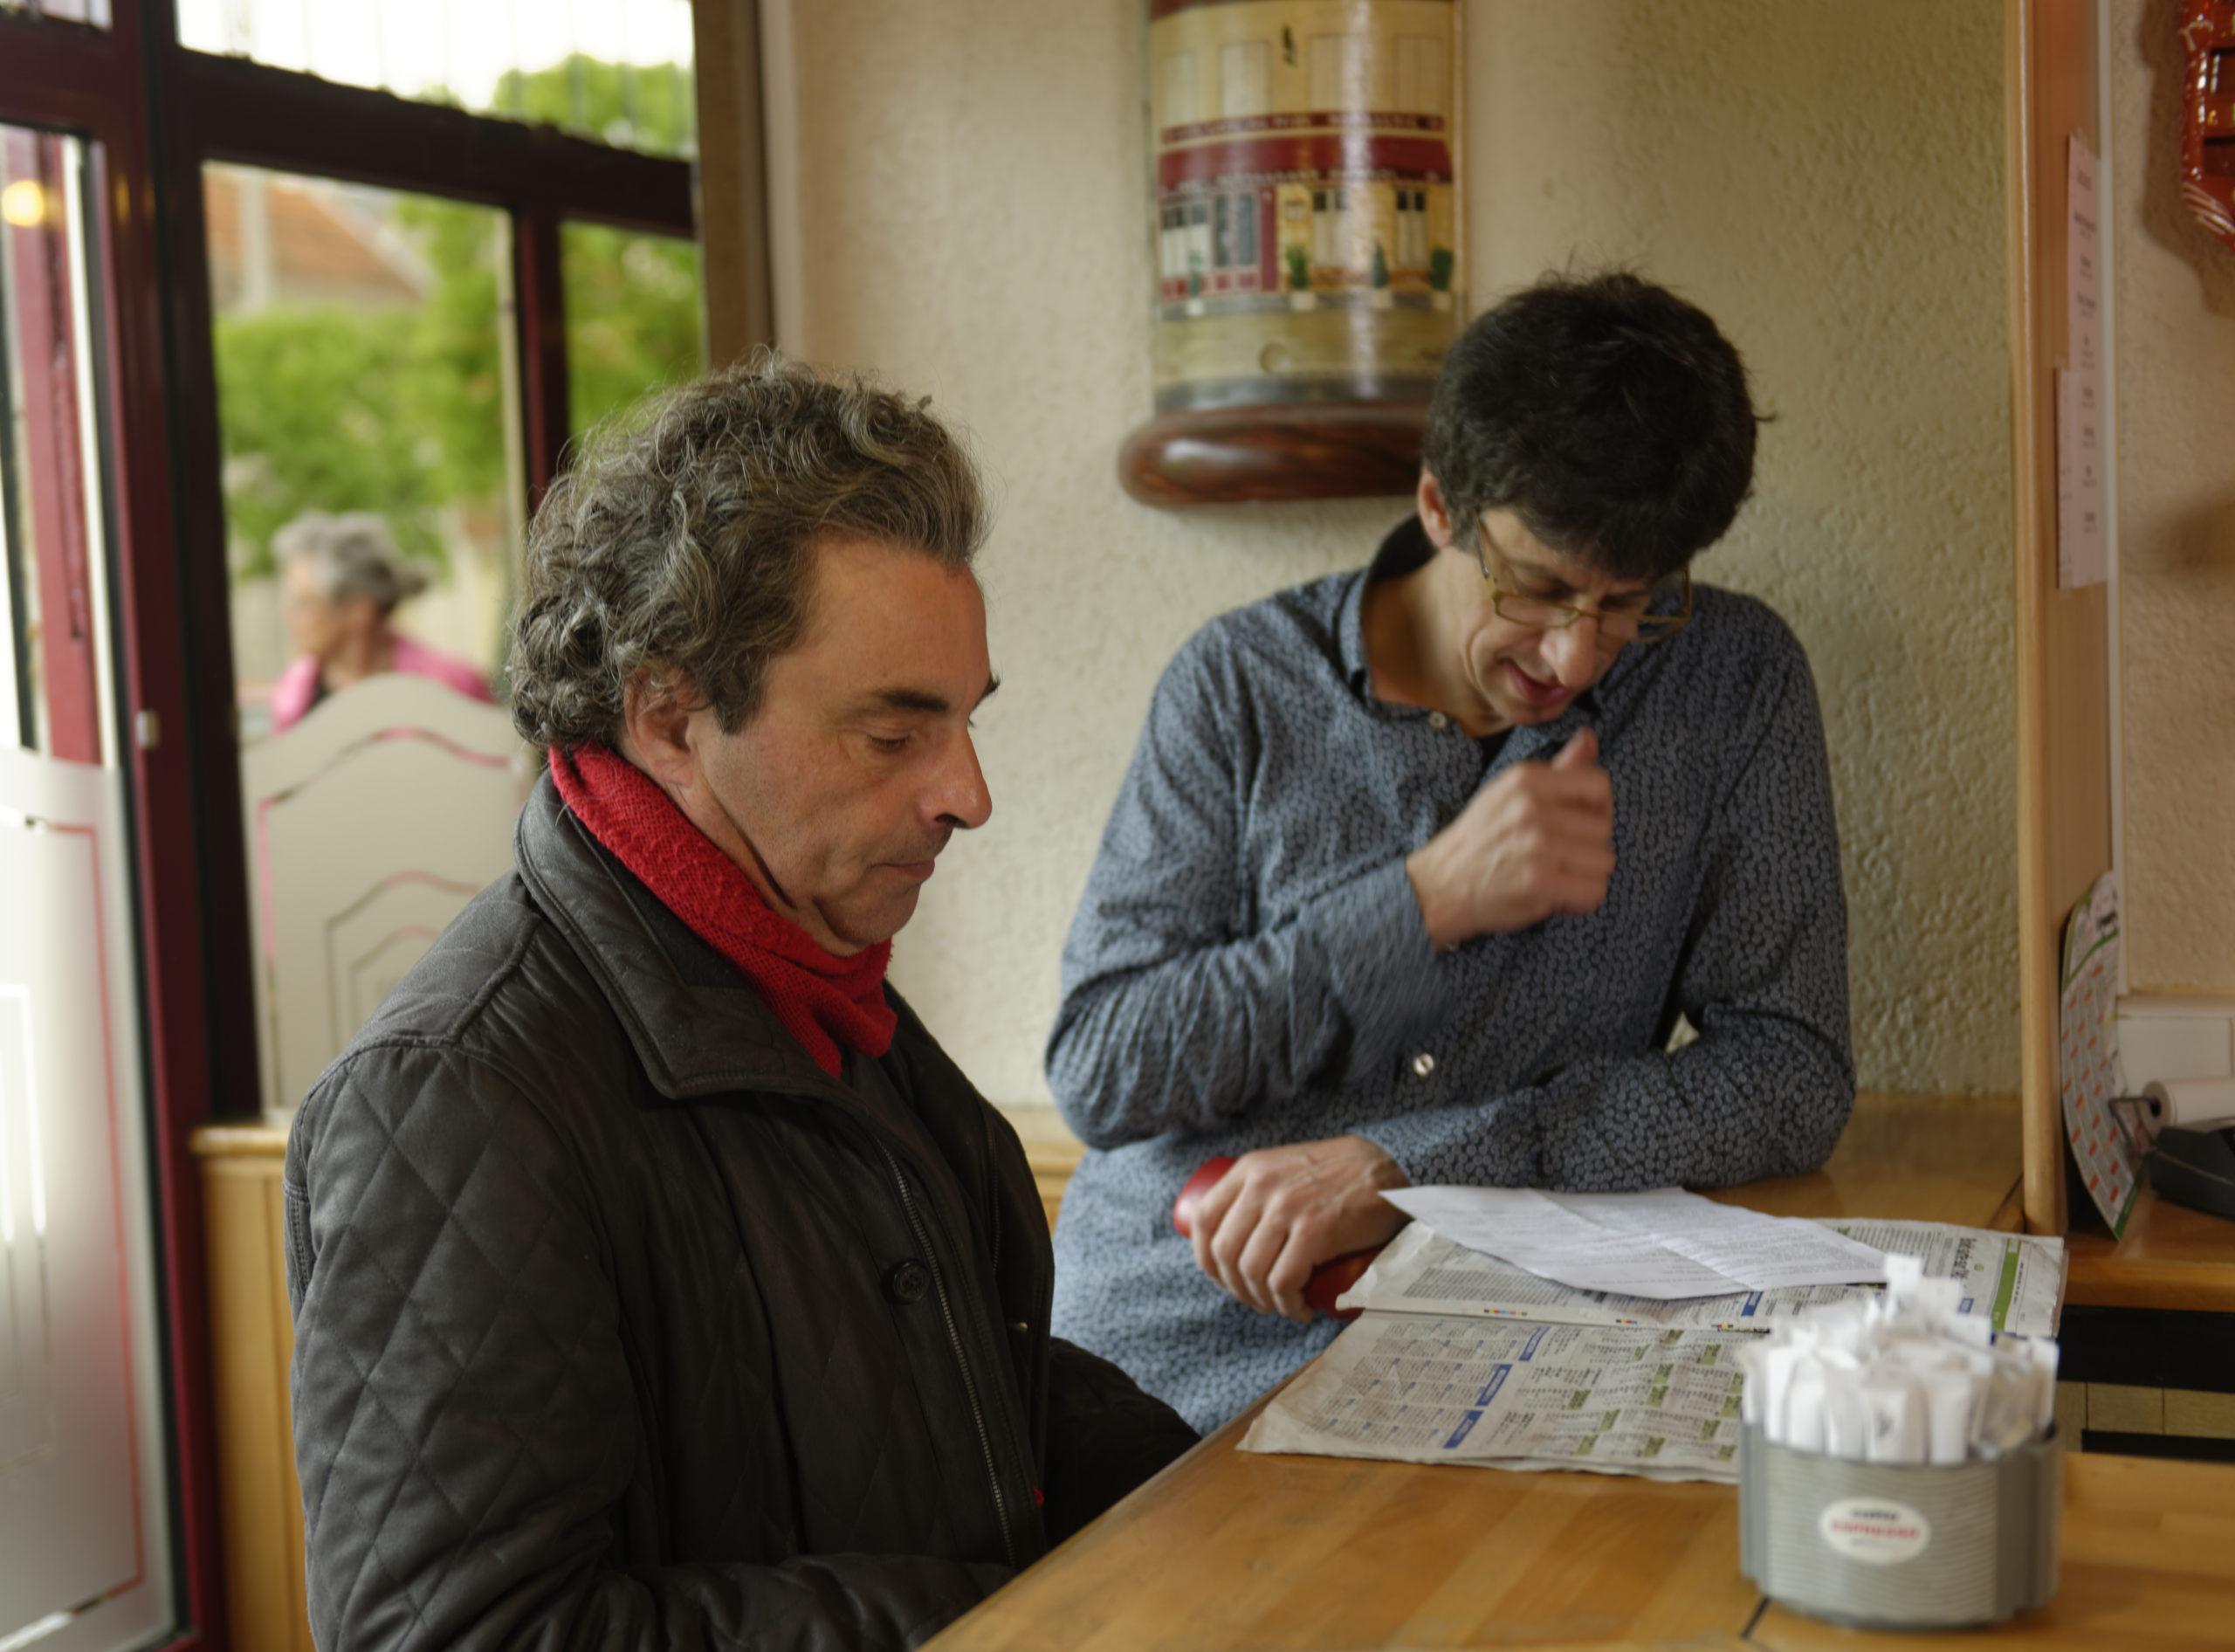 Pere et impair photos tournage 40